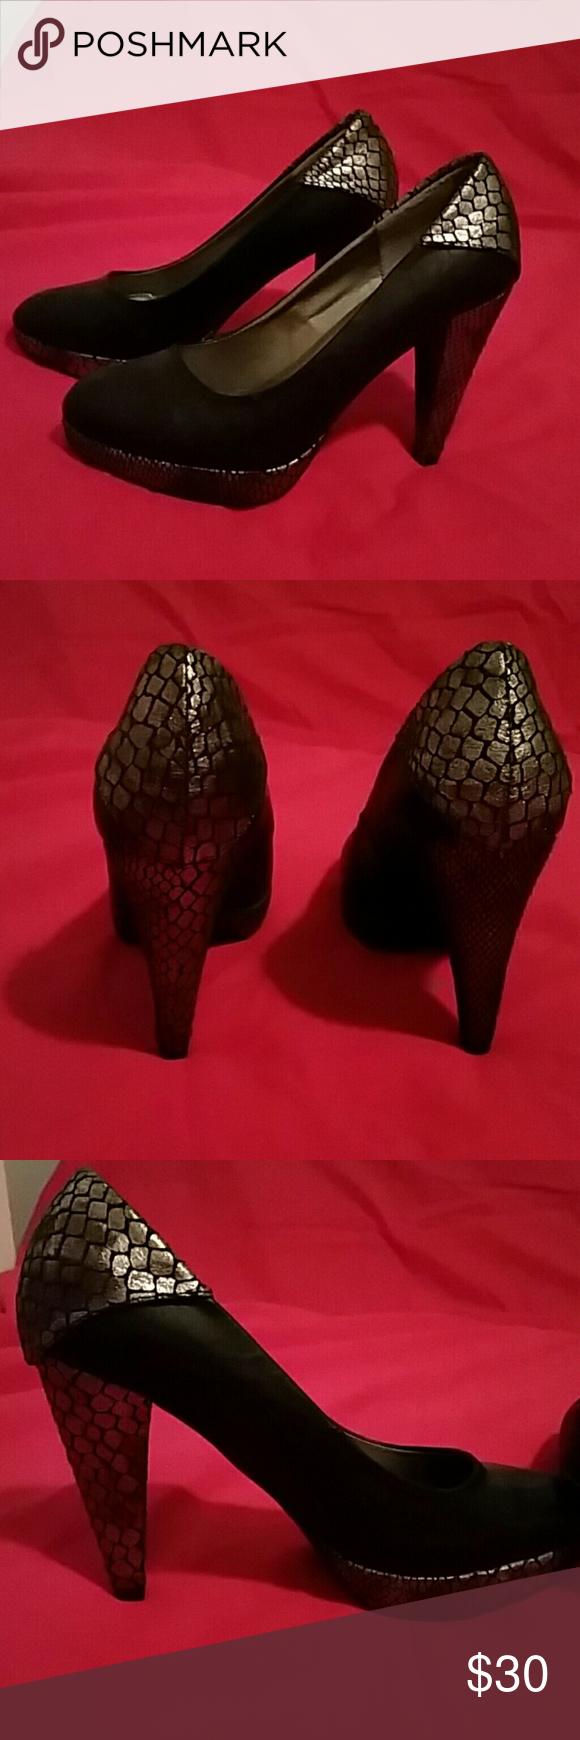 BKE heels Super cute BKE black/silver print heels!! No scuffs!! BKE Shoes Heels